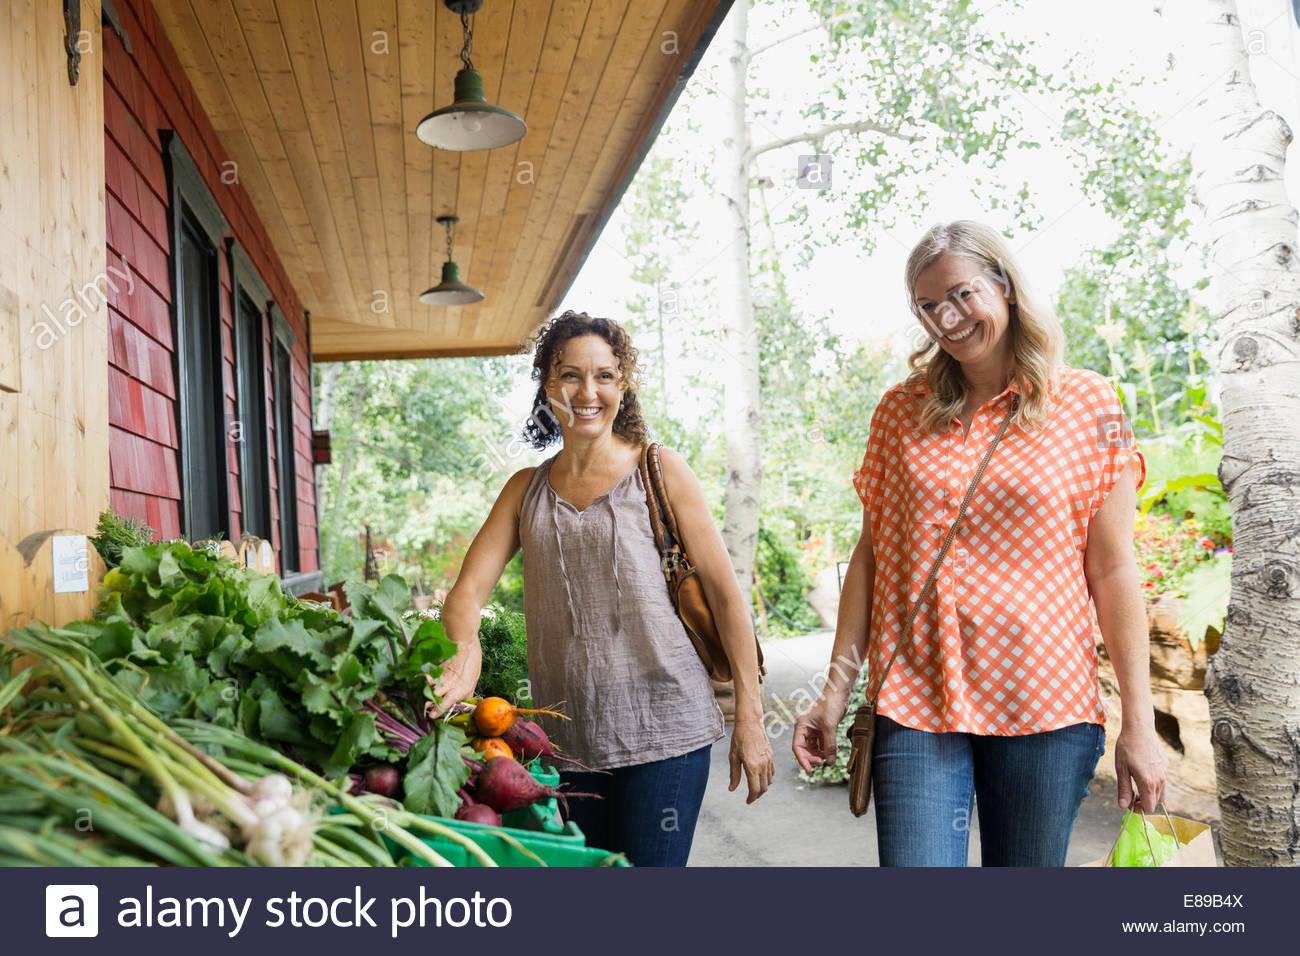 Donna sorridente shopping per produrre fuori mercato Immagini Stock